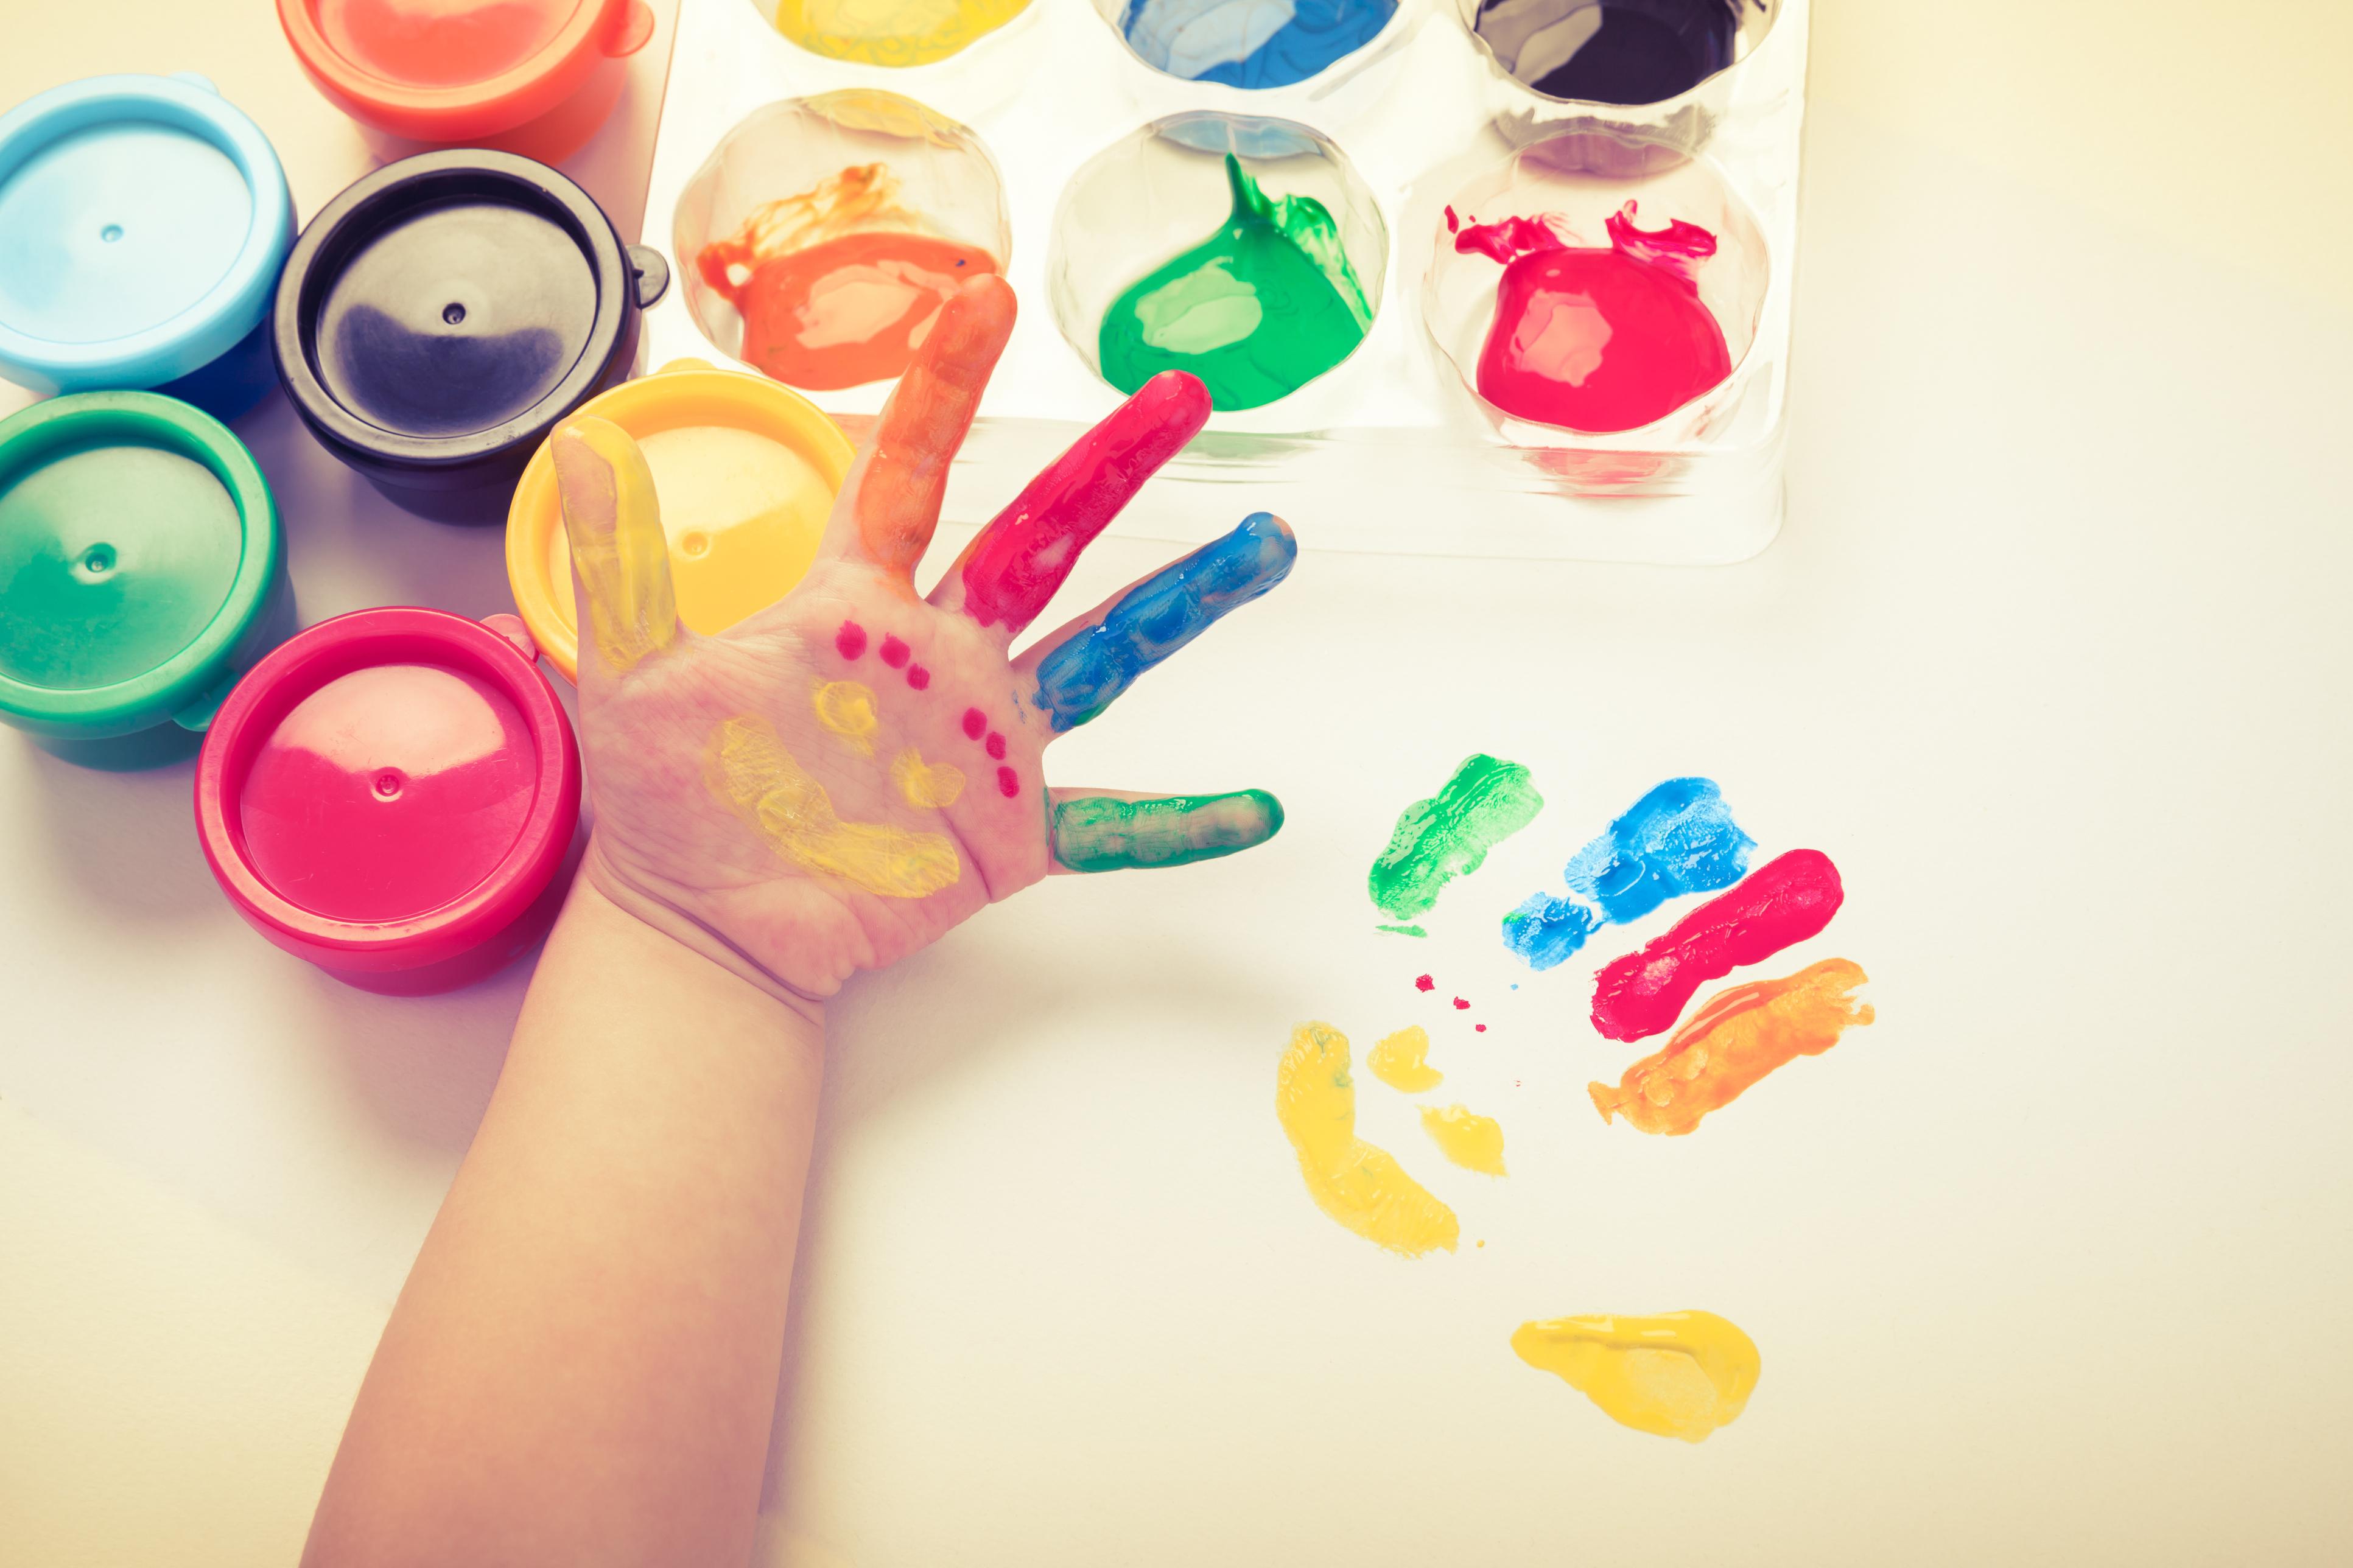 Безпечні фарби для дітей: як правильно вибрати продукт для творчості